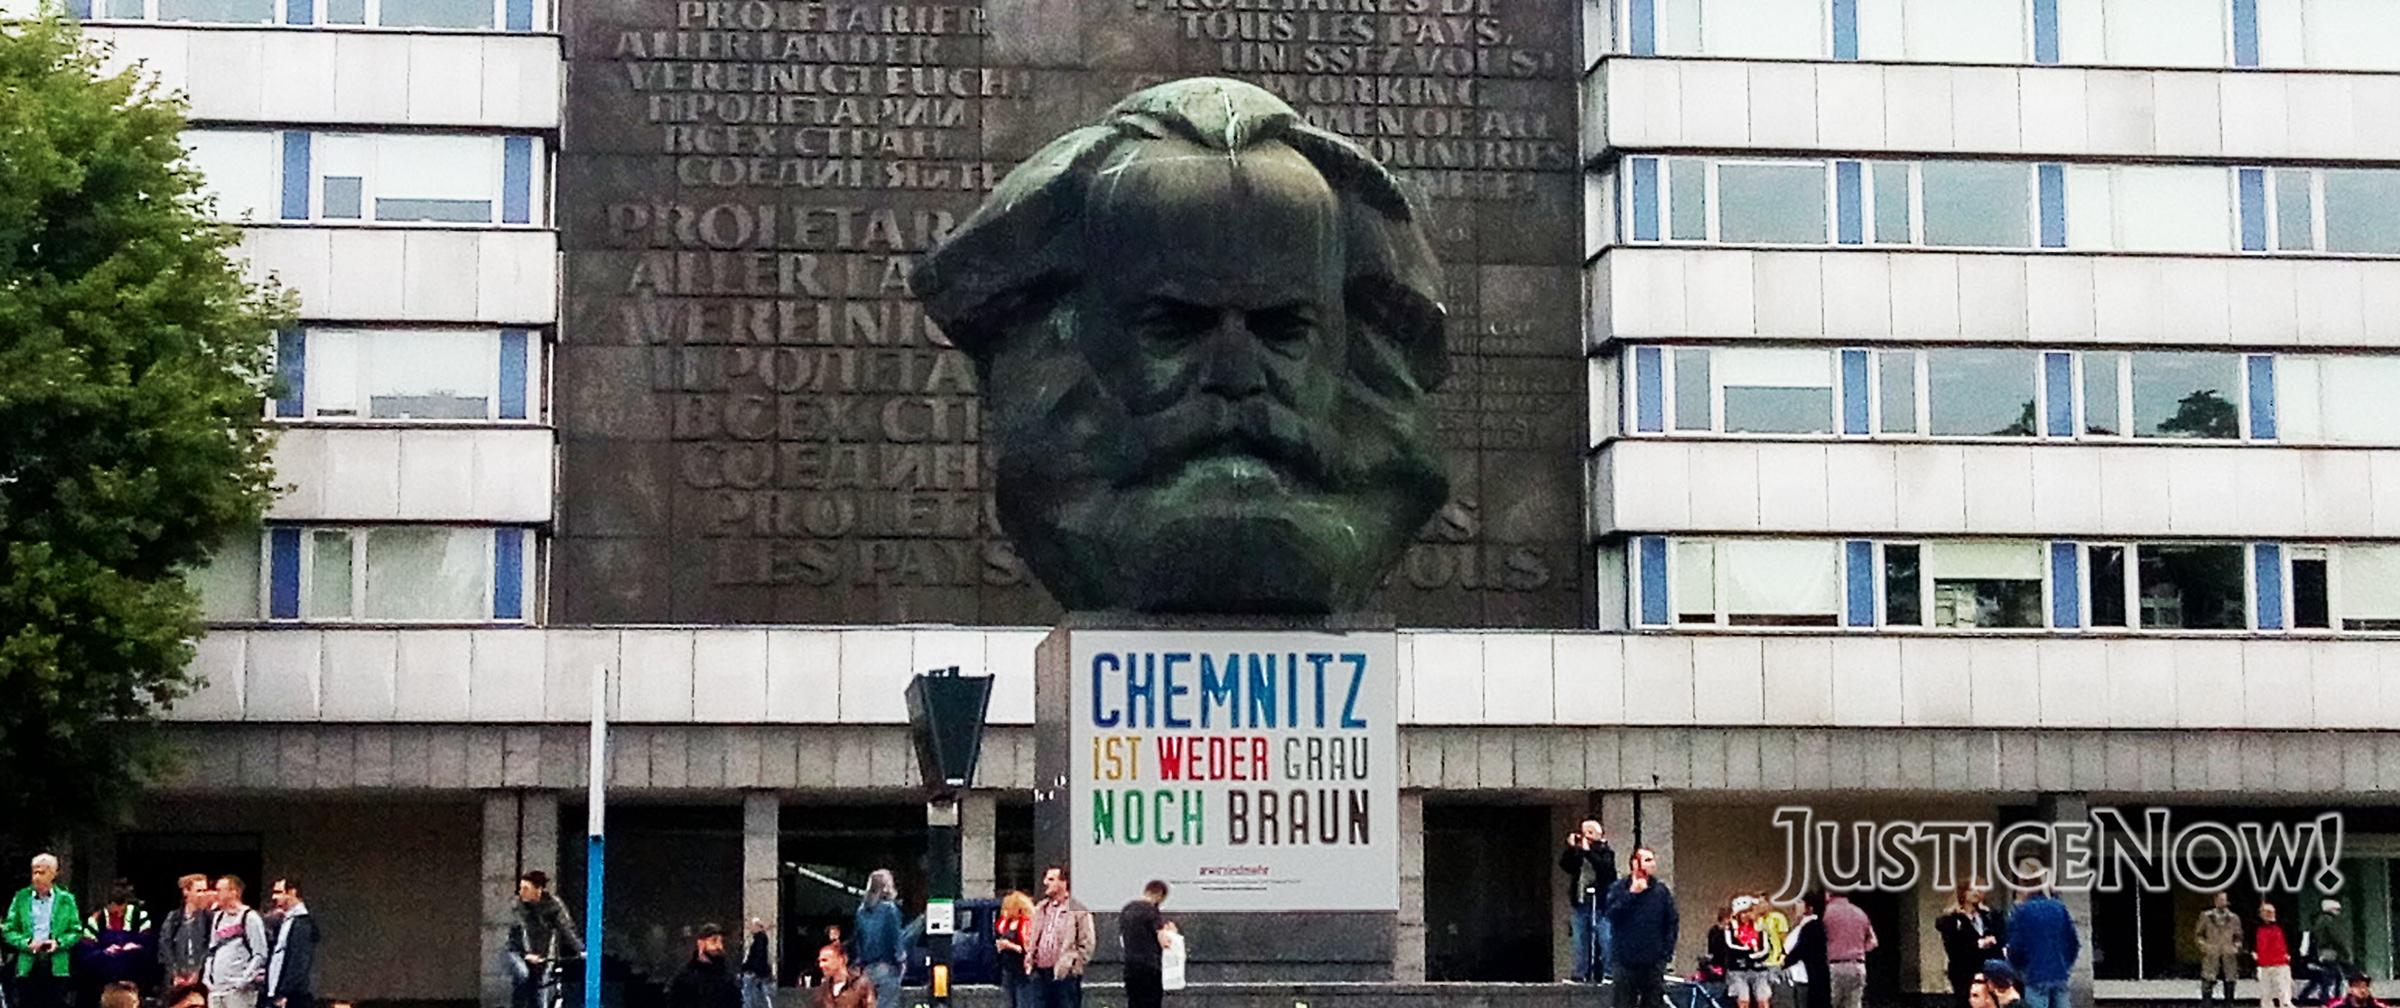 8.500 Demonstranten bei Björn Höckes Nazi-Trauermarsch in Chemnitz <br>  <span id='sec-title'>Die Instrumentalisierung eines Toten</span>